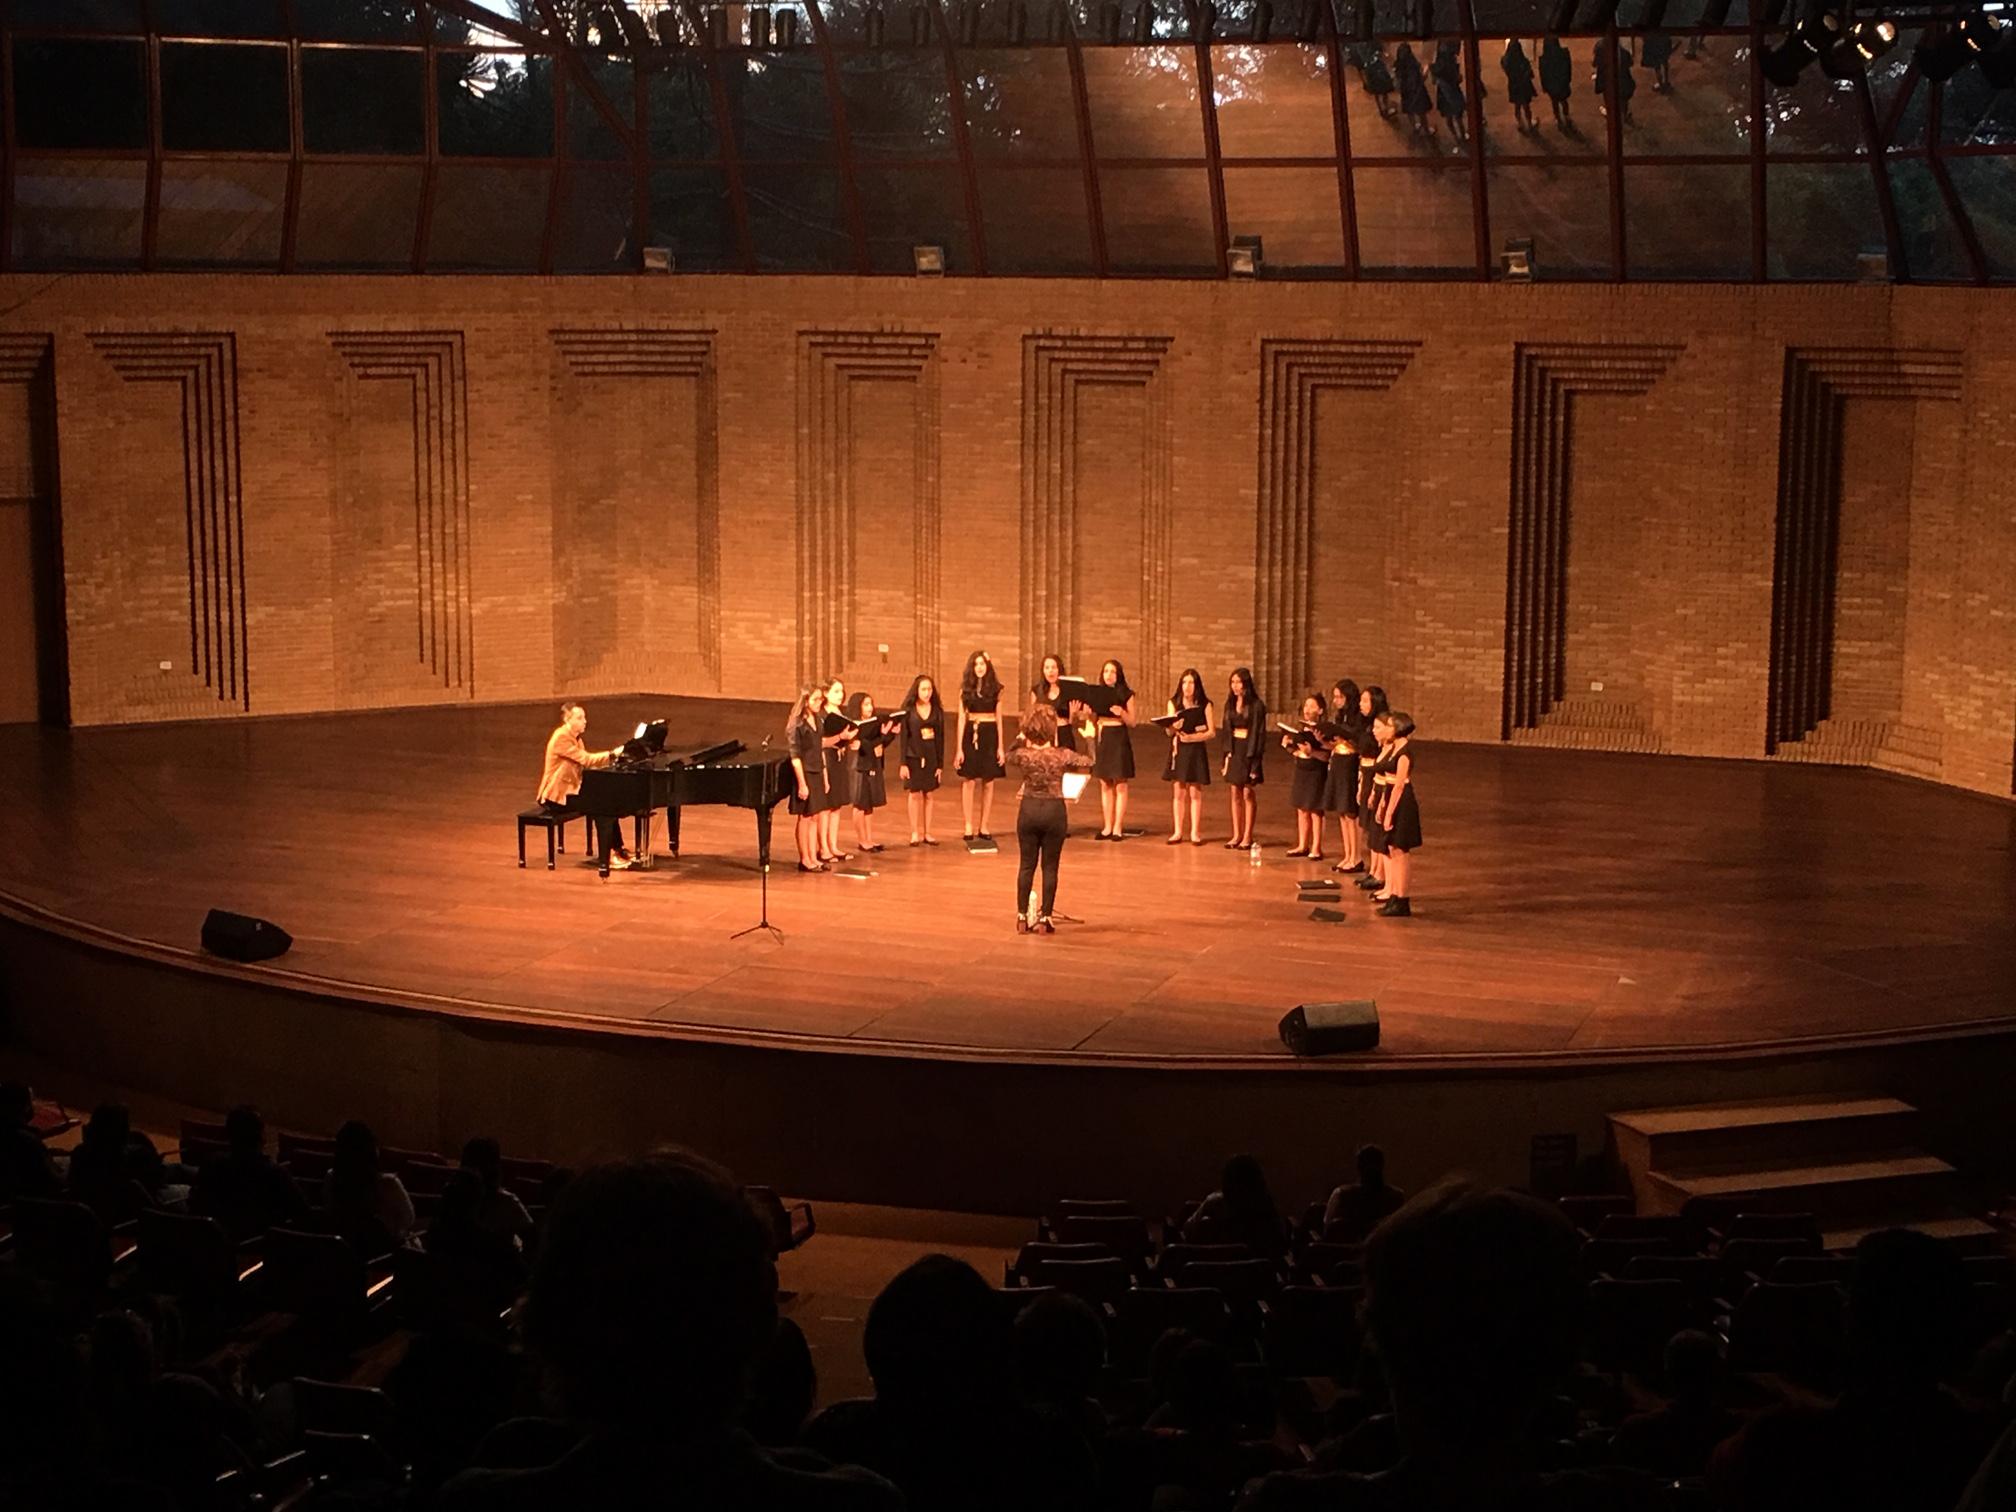 Meninas Cantoras de Campos do Jordão se apresentam no palco do Auditório Claudio Santoro